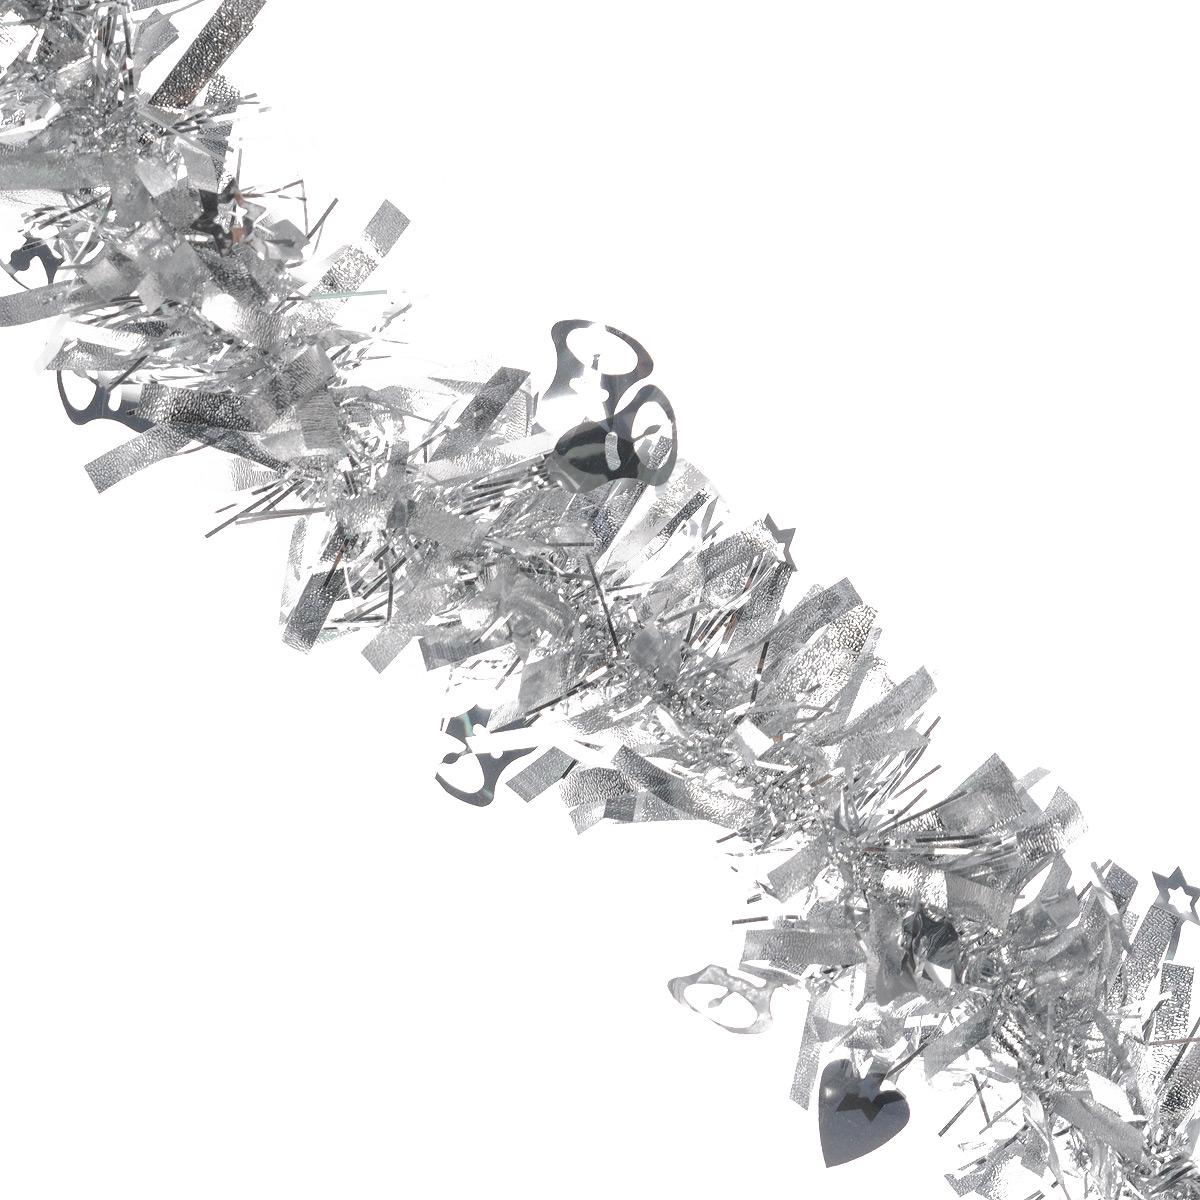 Мишура новогодняя Sima-land, цвет: серебристый, диаметр 8 см, длина 2 м. 702597702597Мишура новогодняя Sima-land, выполненная из фольги, поможет вам украсить свой дом к предстоящим праздникам. Мишура армирована, то есть имеет проволоку внутри и способна сохранять приданную ей форму.Новогодняя елка с таким украшением станет еще наряднее. Новогодней мишурой можно украсить все, что угодно - елку, квартиру, дачу, офис - как внутри, так и снаружи. Можно сложить новогодние поздравления, буквы и цифры, мишурой можно украсить и дополнить гирлянды, можно выделить дверные колонны, оплести дверные проемы. Коллекция декоративных украшений из серии Зимнее волшебство принесет в ваш дом ни с чем несравнимое ощущение праздника! Создайте в своем доме атмосферу тепла, веселья и радости, украшая его всей семьей.